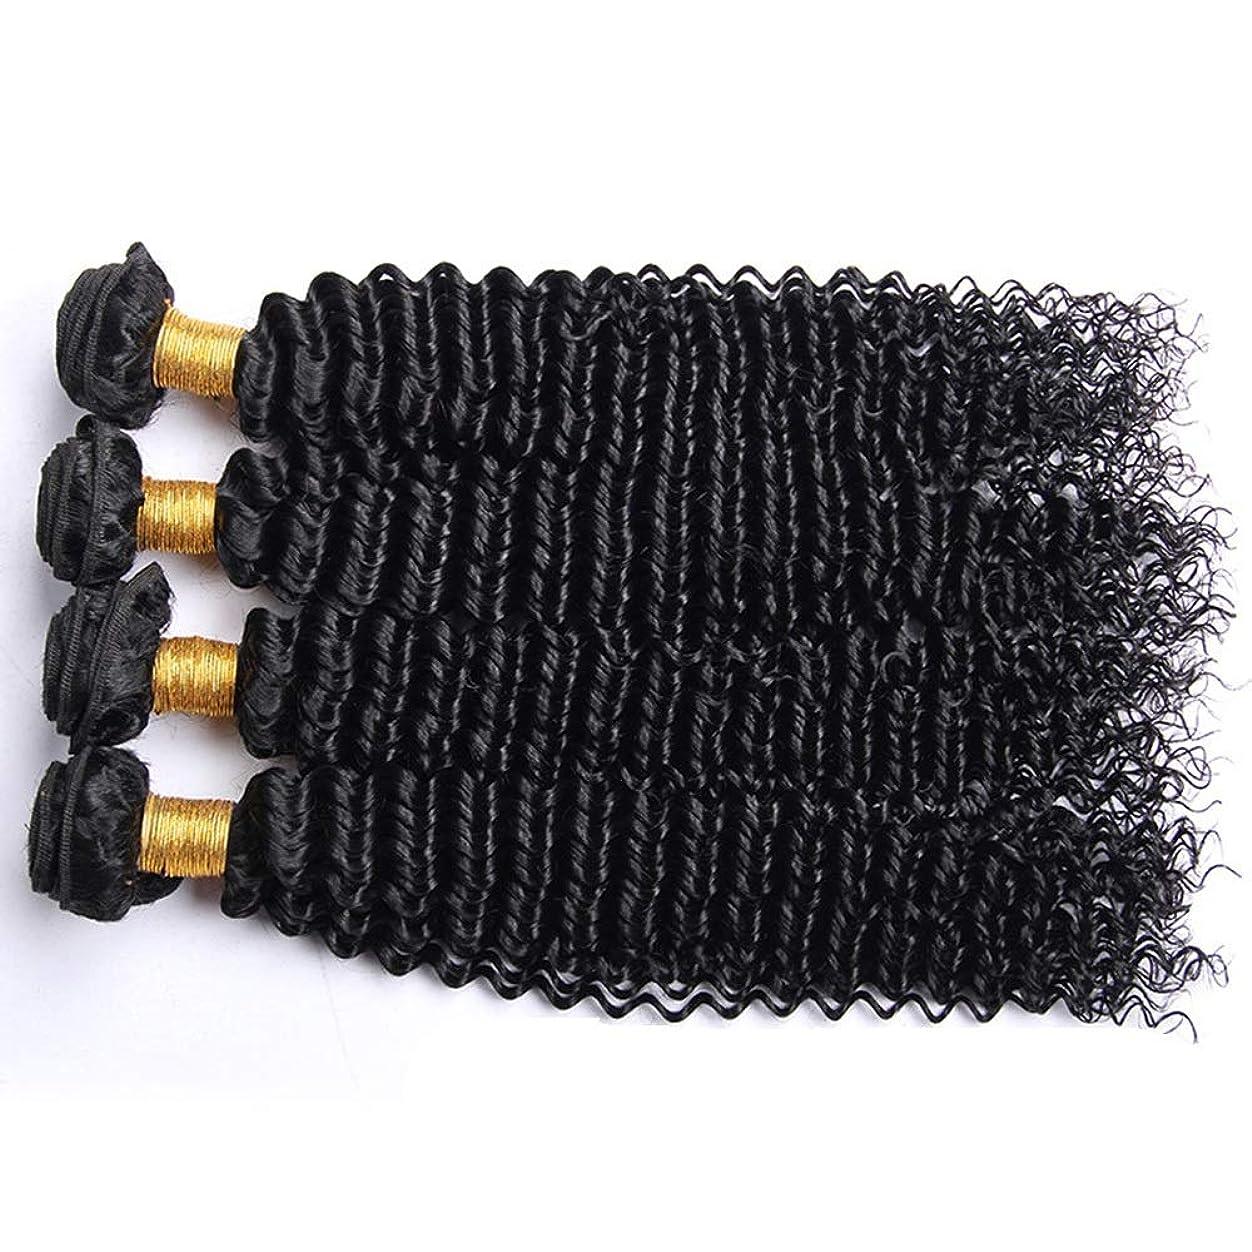 鋭く裕福なかみそりIsikawan ブラジルの変態巻き毛の束100%未処理のバージンナチュラルブラックカラー人間の毛髪延長1バンドル髪織り (色 : ブラック, サイズ : 14 inch)